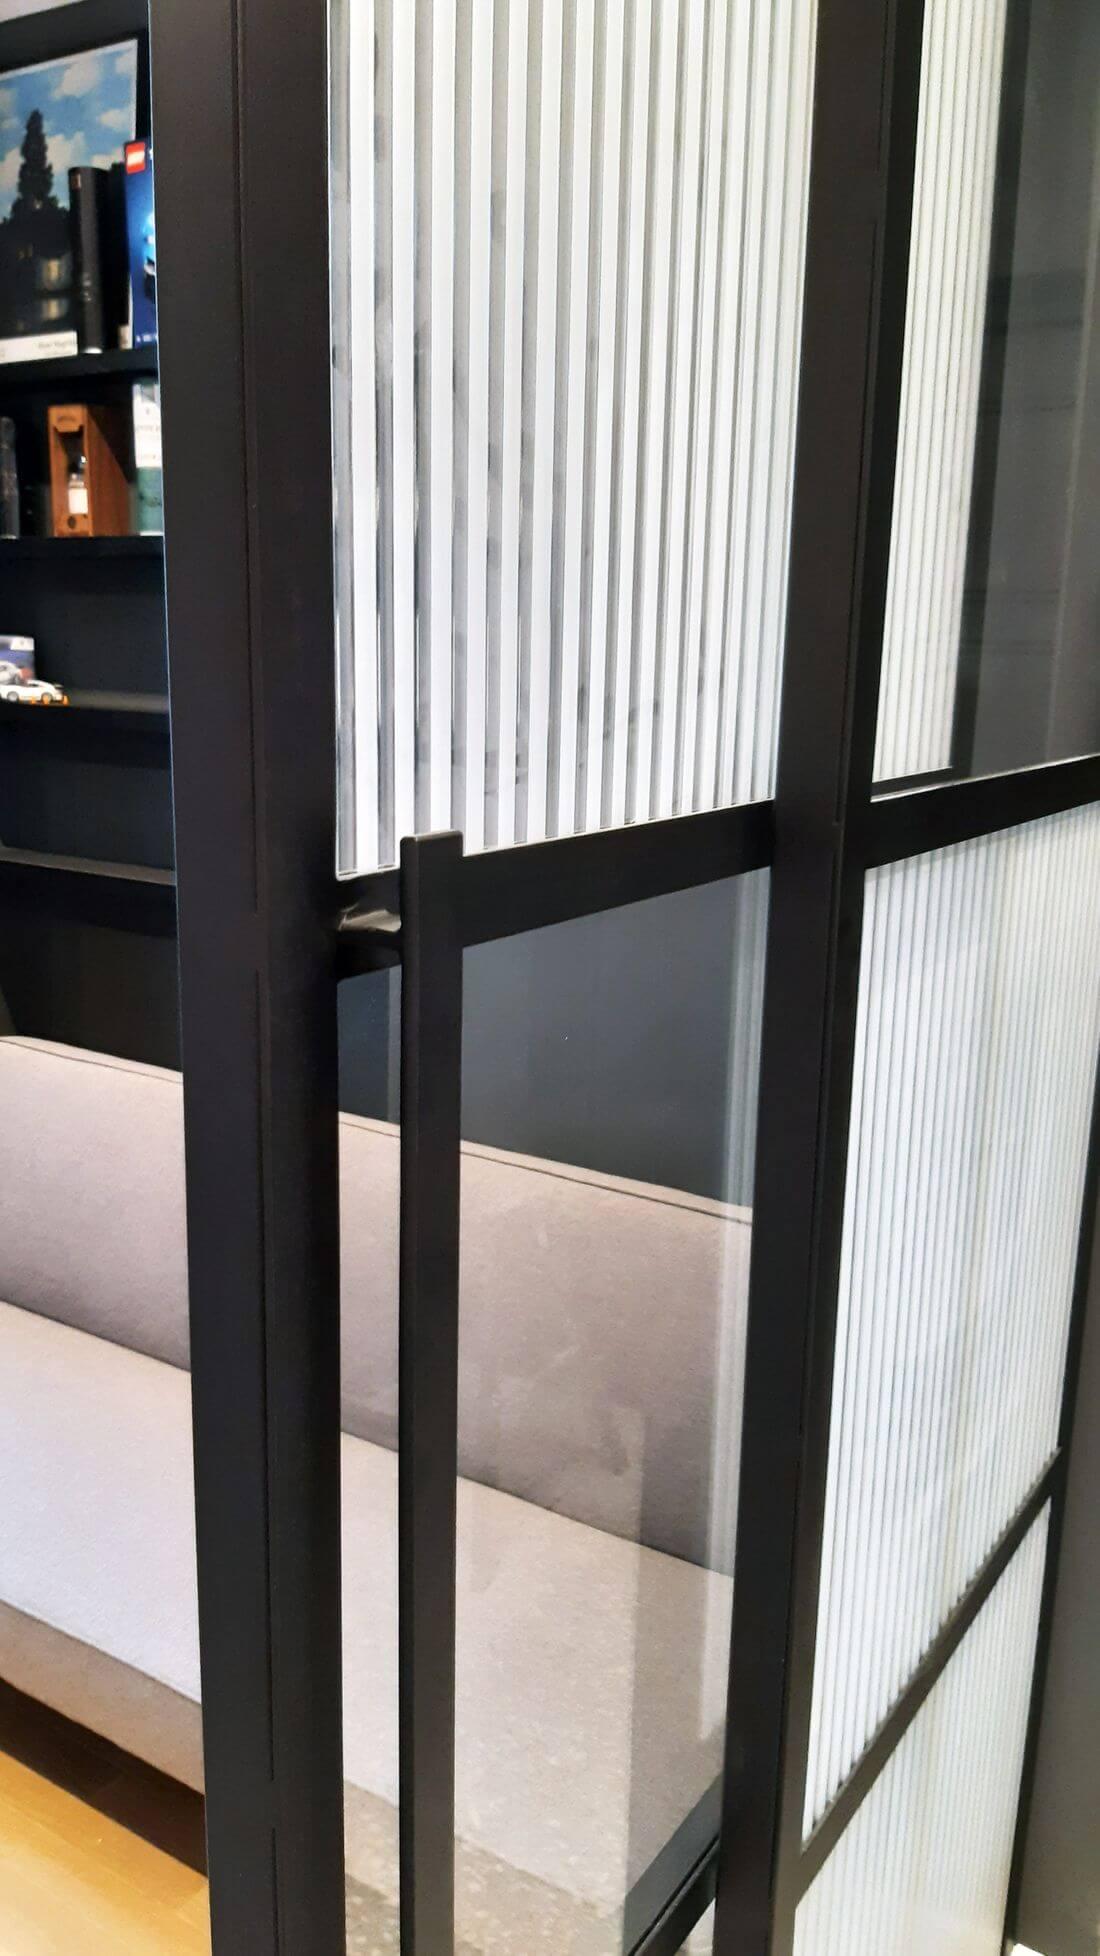 Pochwyt do otwierania drzwi przesuwnych szklanych wykonanych ze stali konstrukcyjnej pomalowanej na czarno